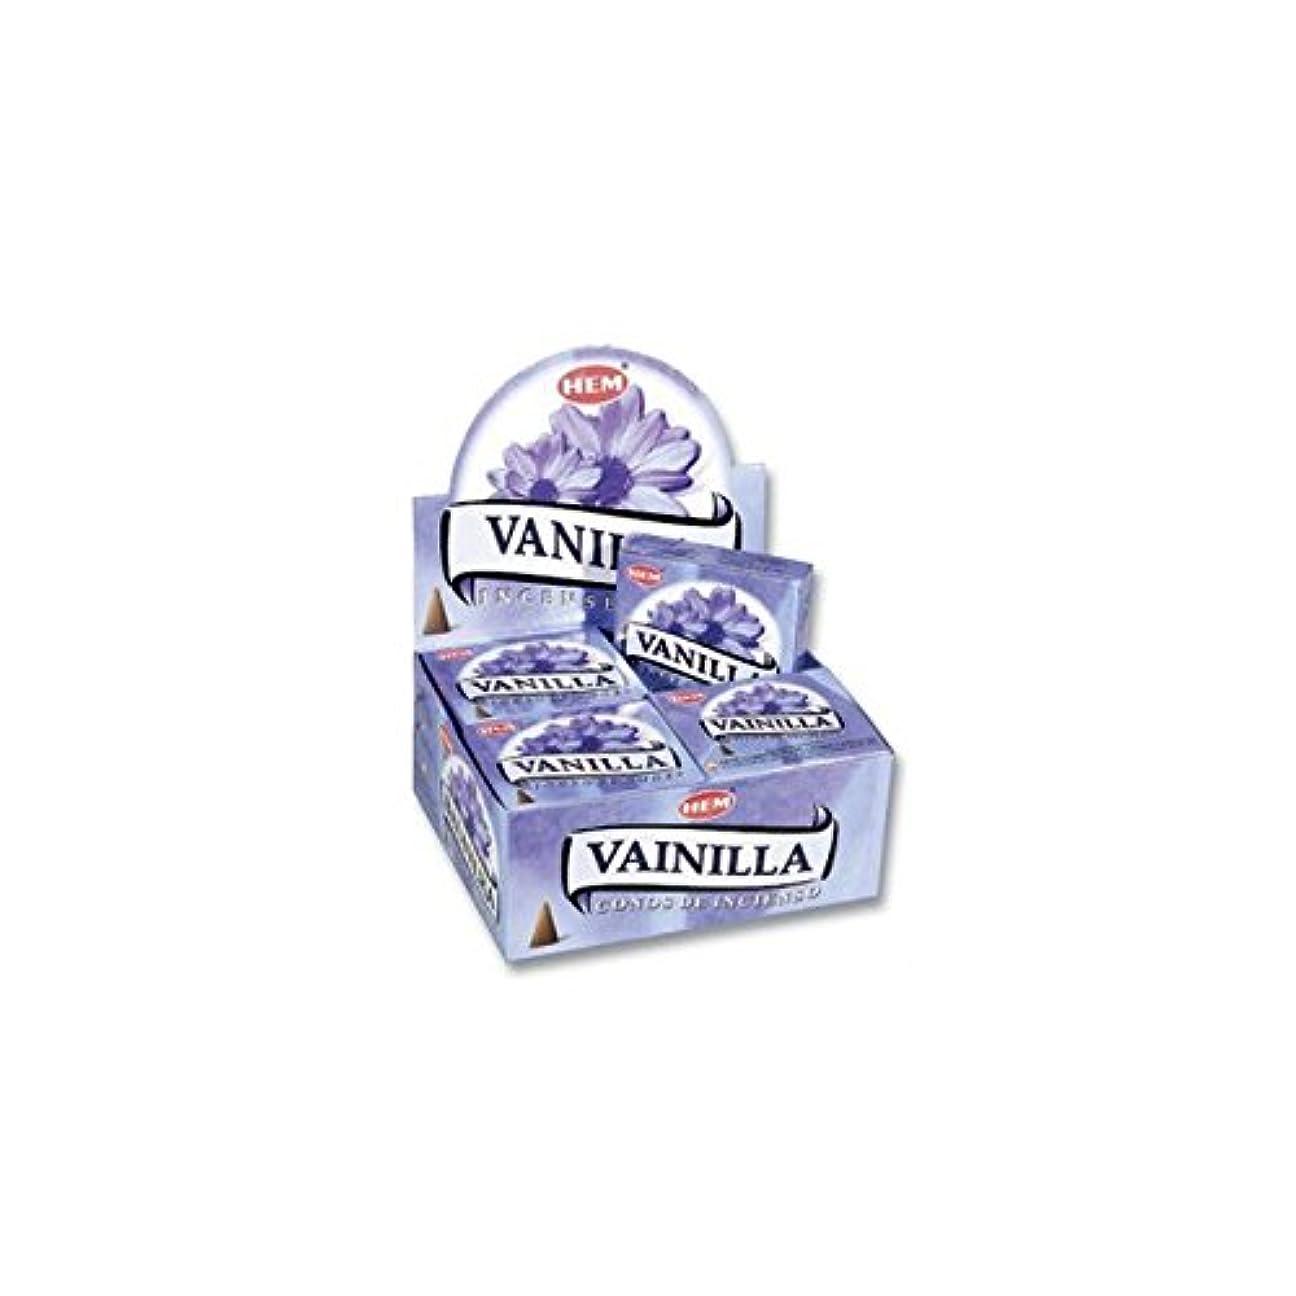 要求ダイジェストかすかなHEM お香 バニラ(VANILLA) コーンタイプ 1ケース(12箱入り) HEMお香